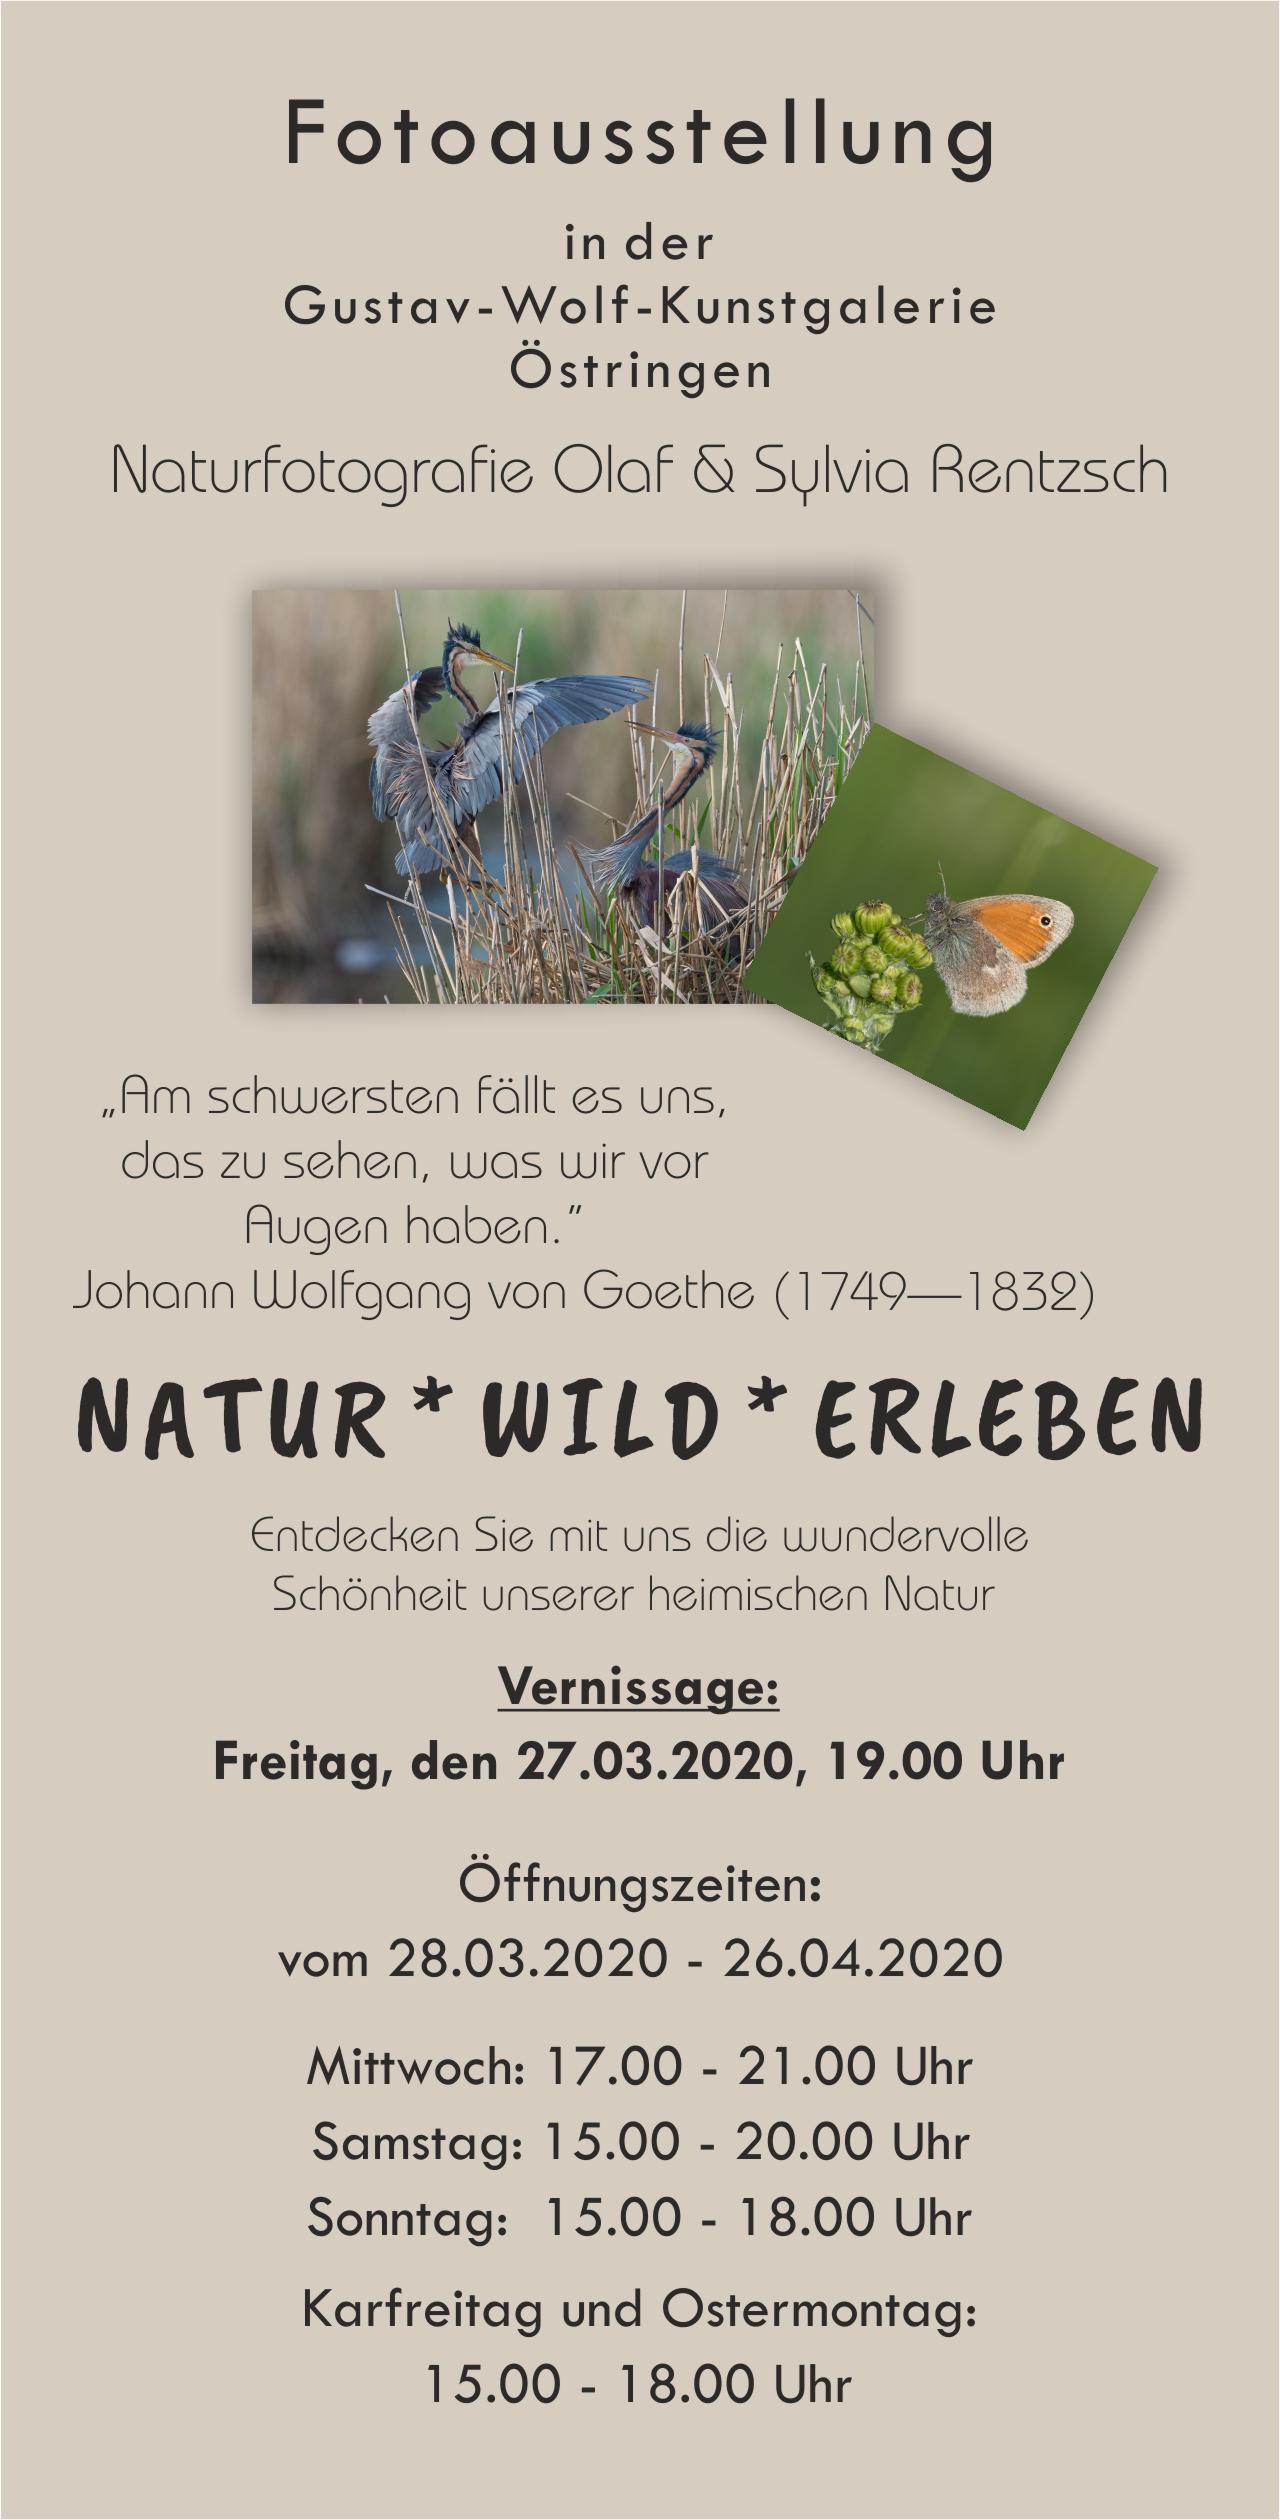 Flyer, fotoausstellung